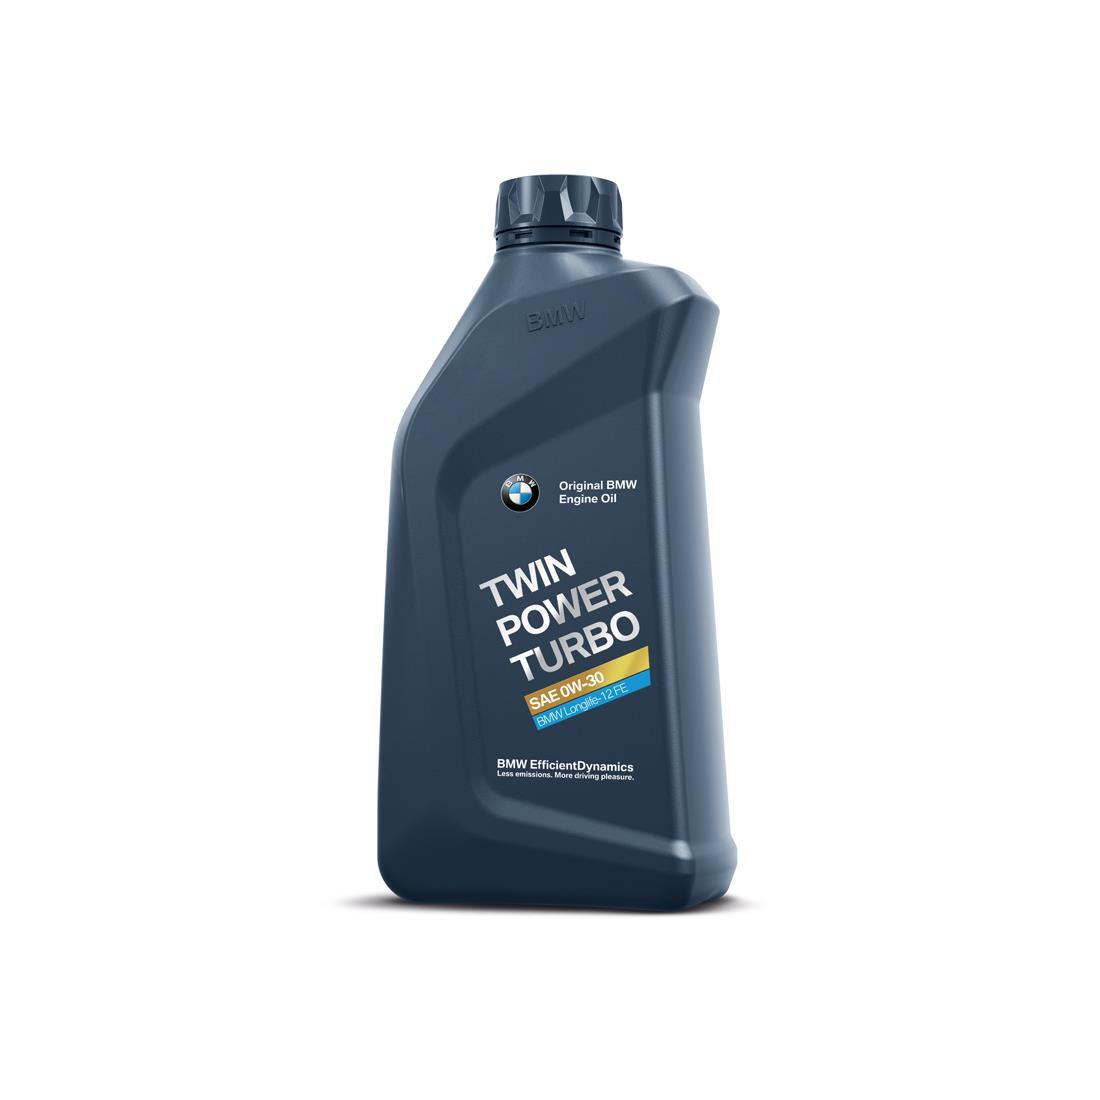 BMW TwinPower Turbo 0W-30 Engine Oil - 1 Liter